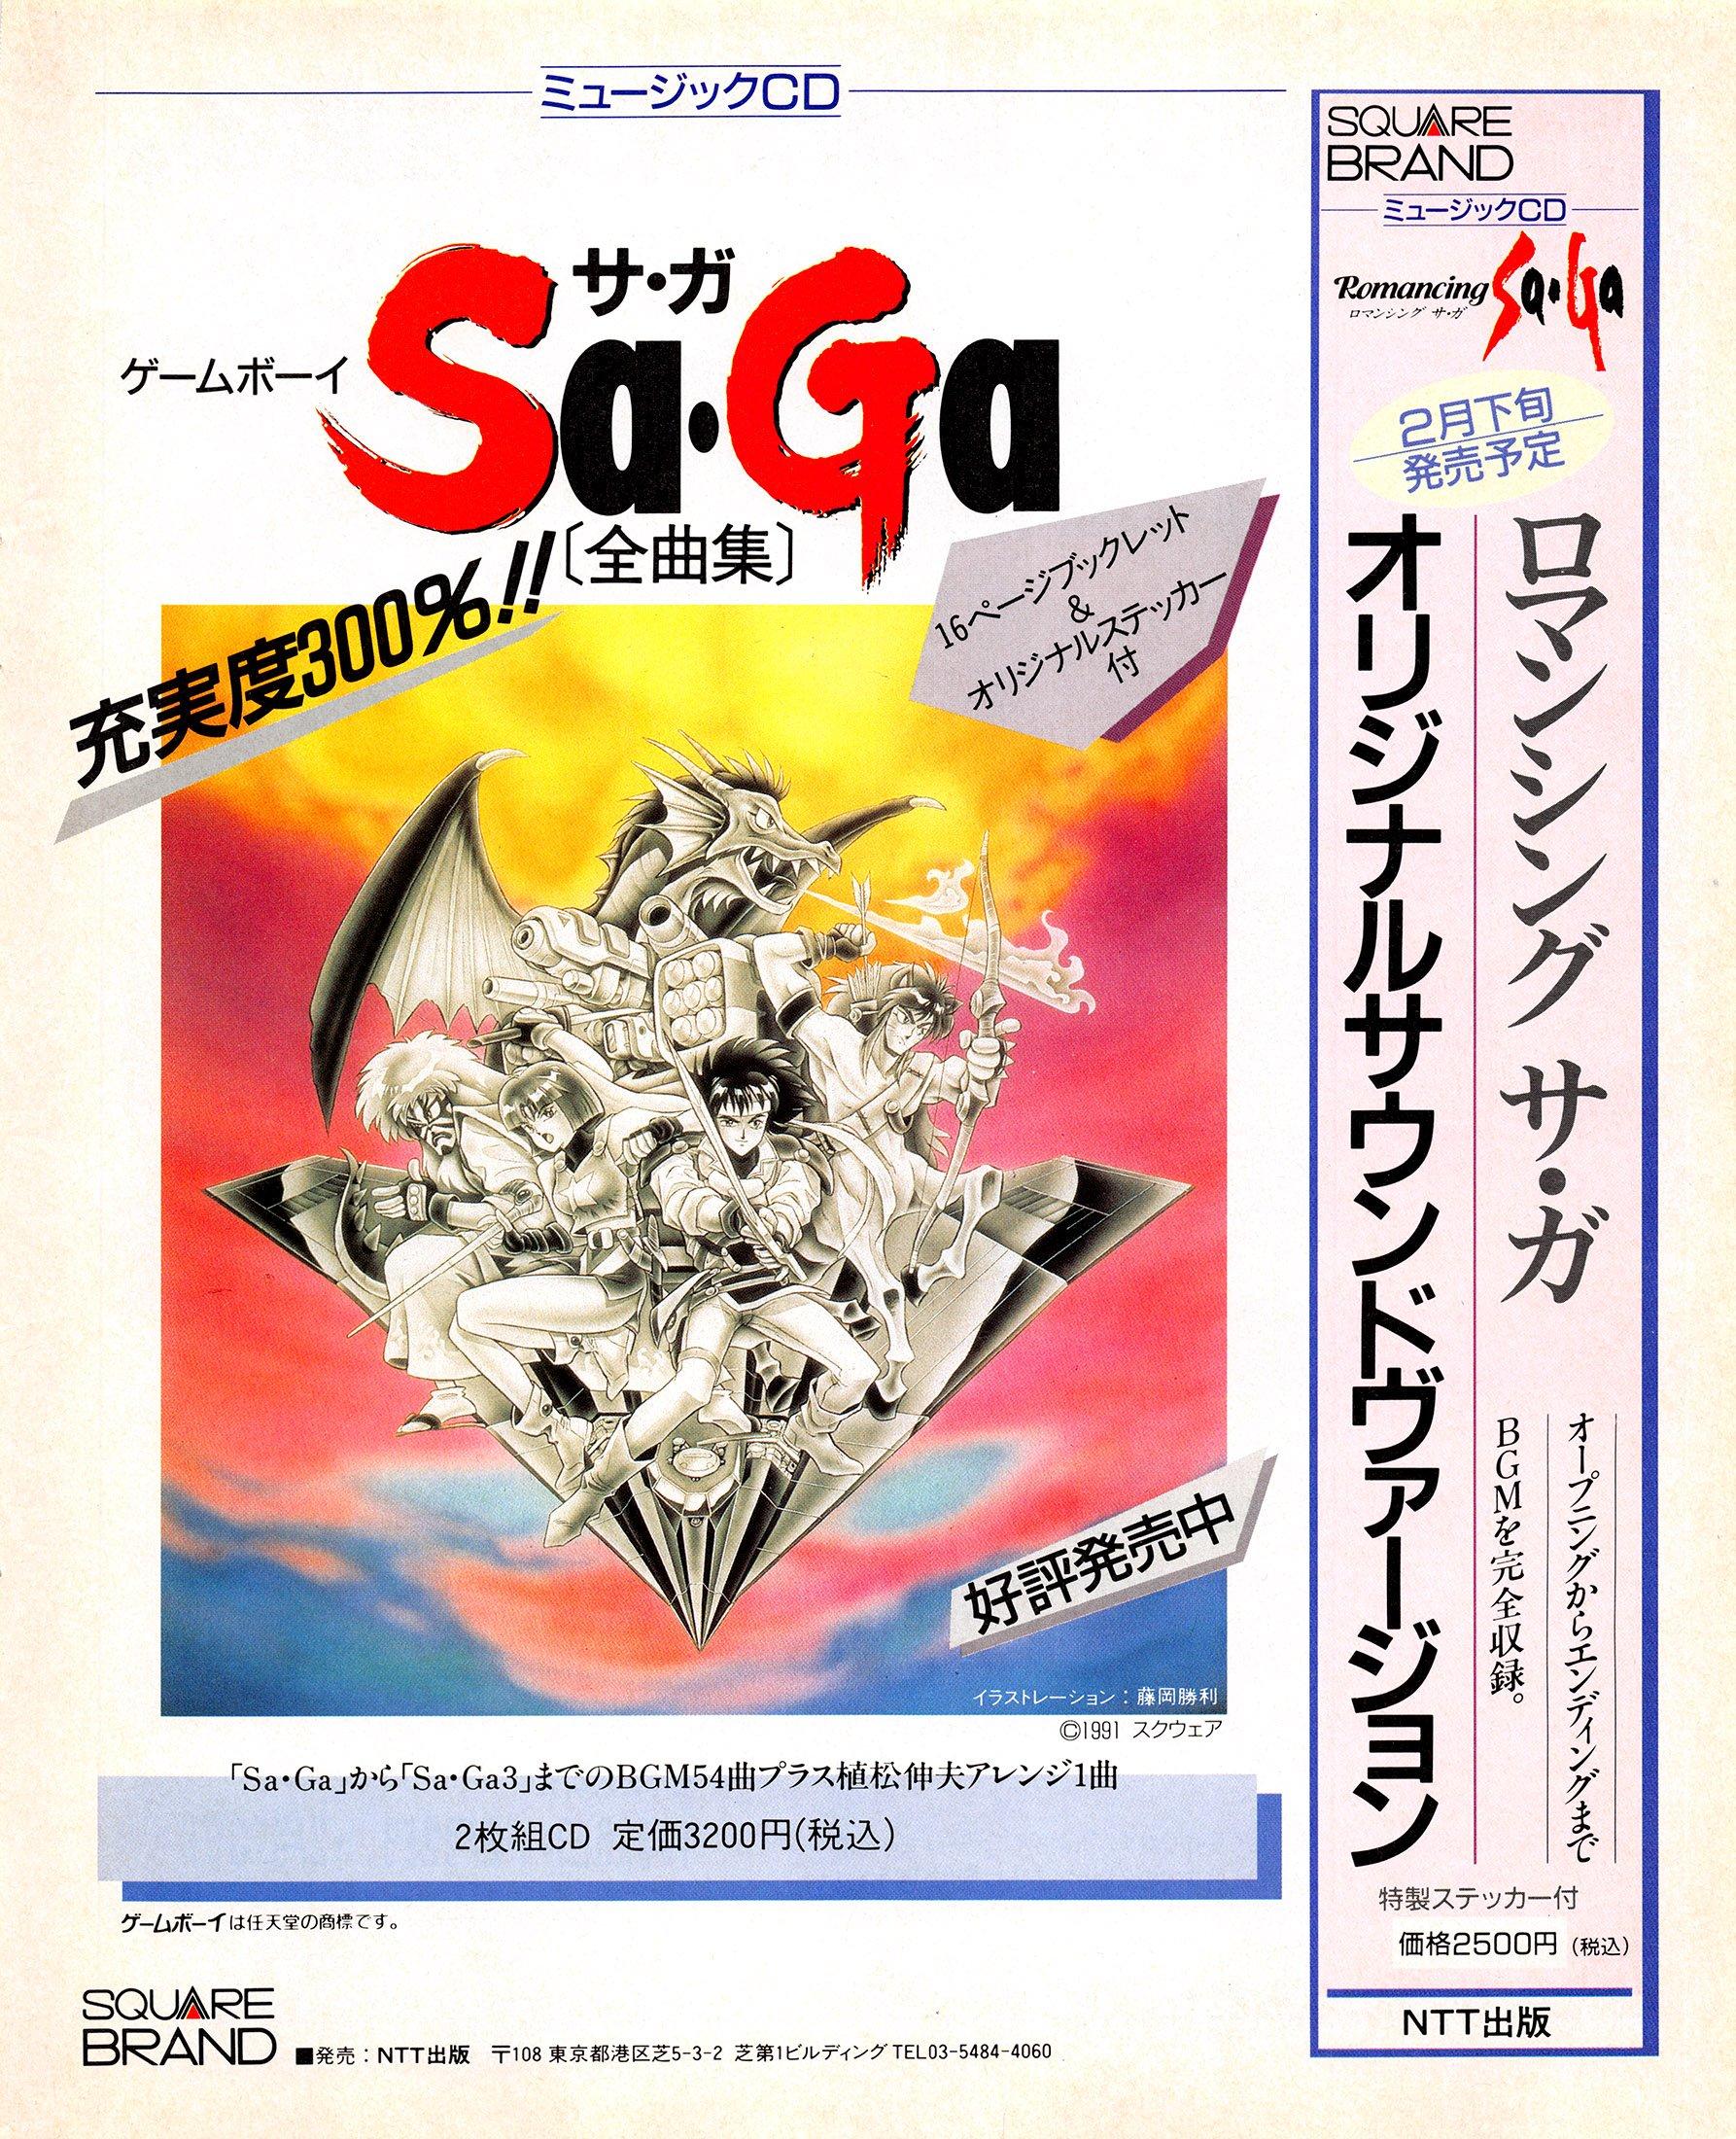 SaGa music CDs